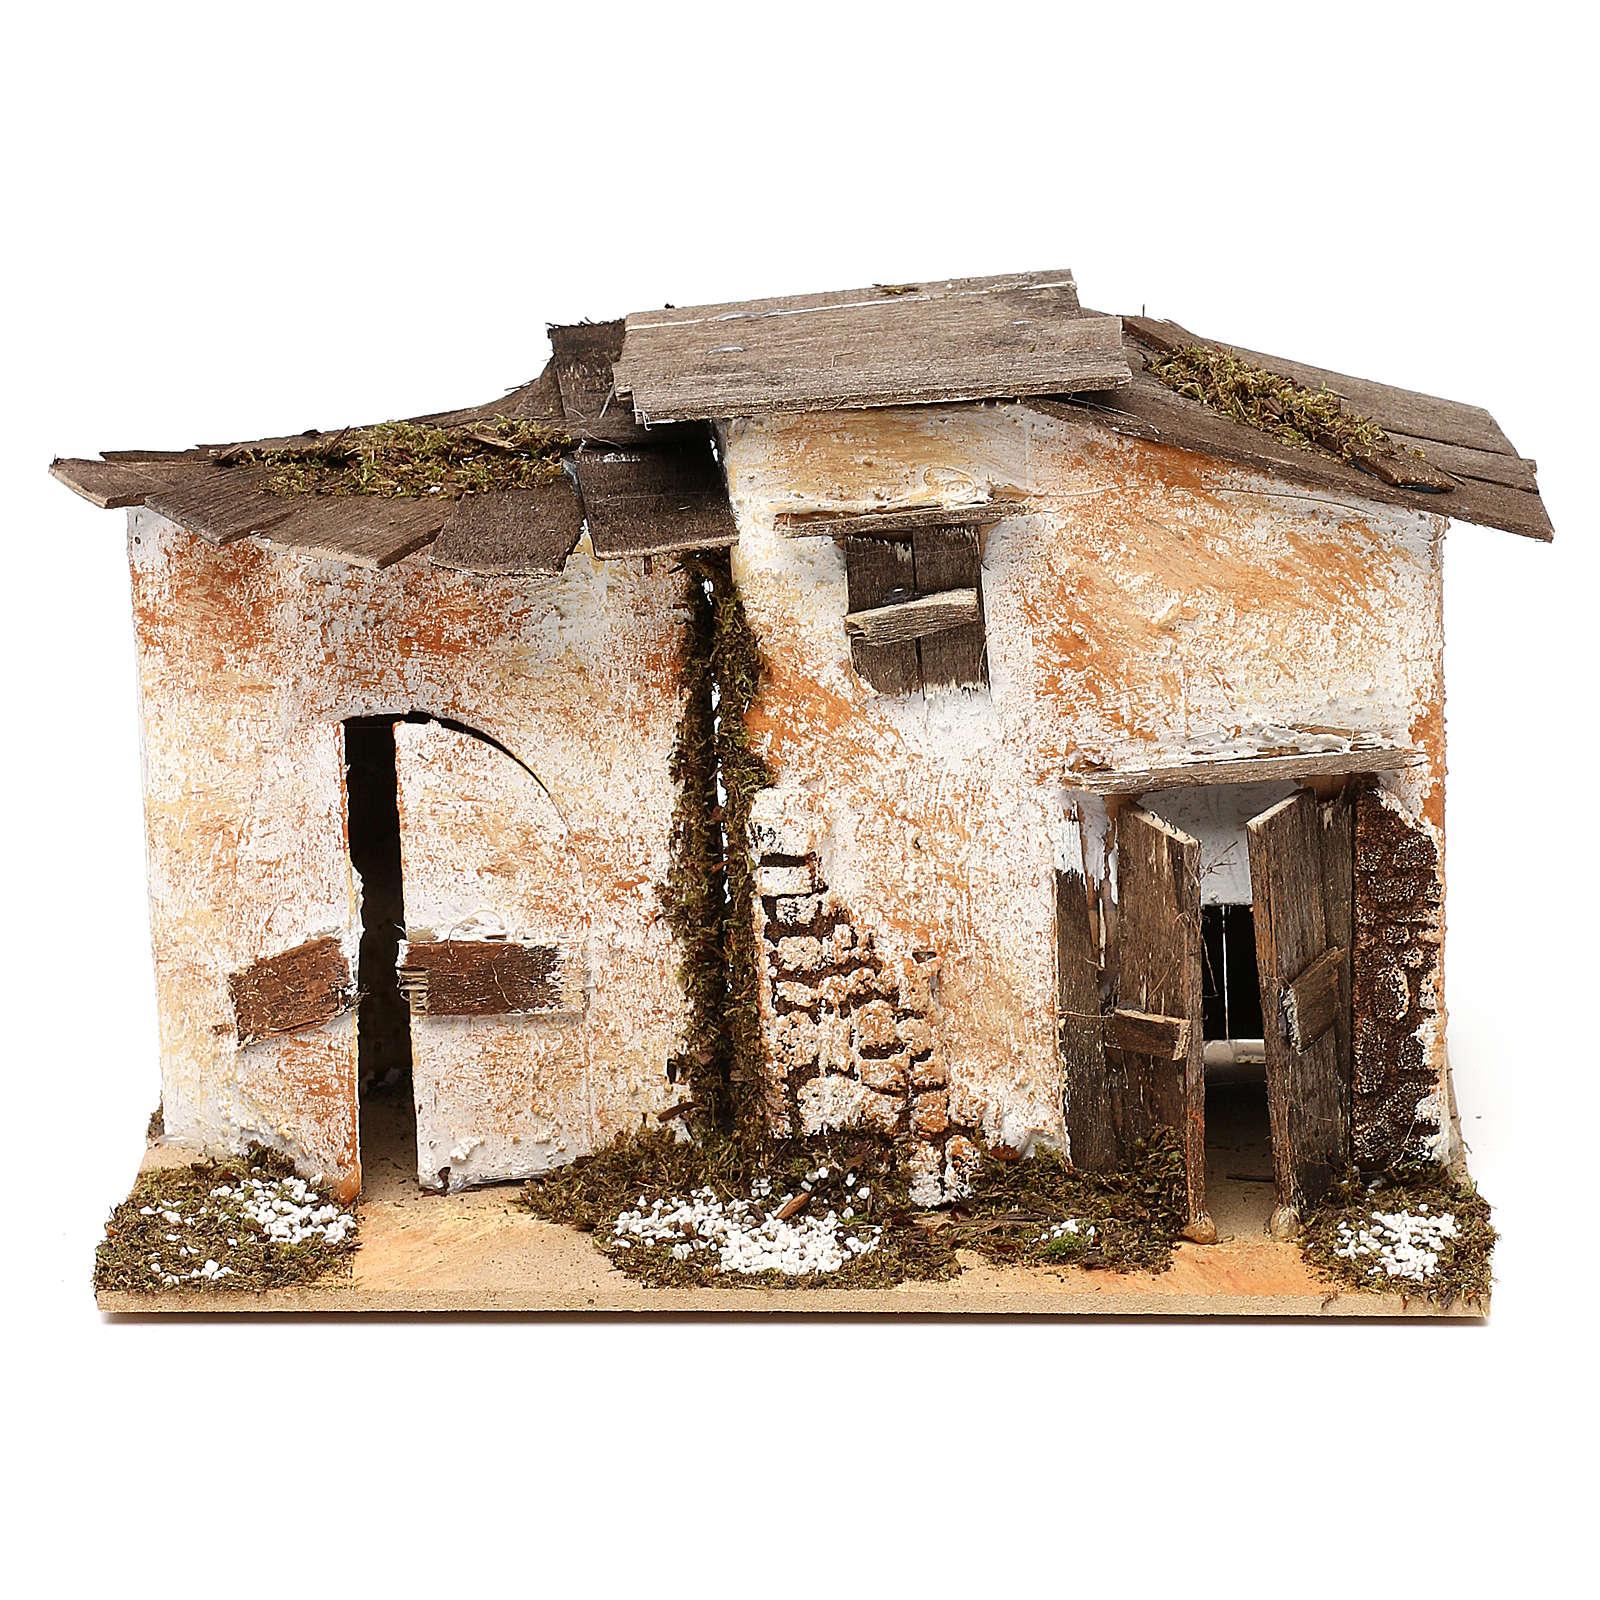 Maison de style rustique avec 2 entrées 15x20x15 cm pour crèche de 7 cm 4